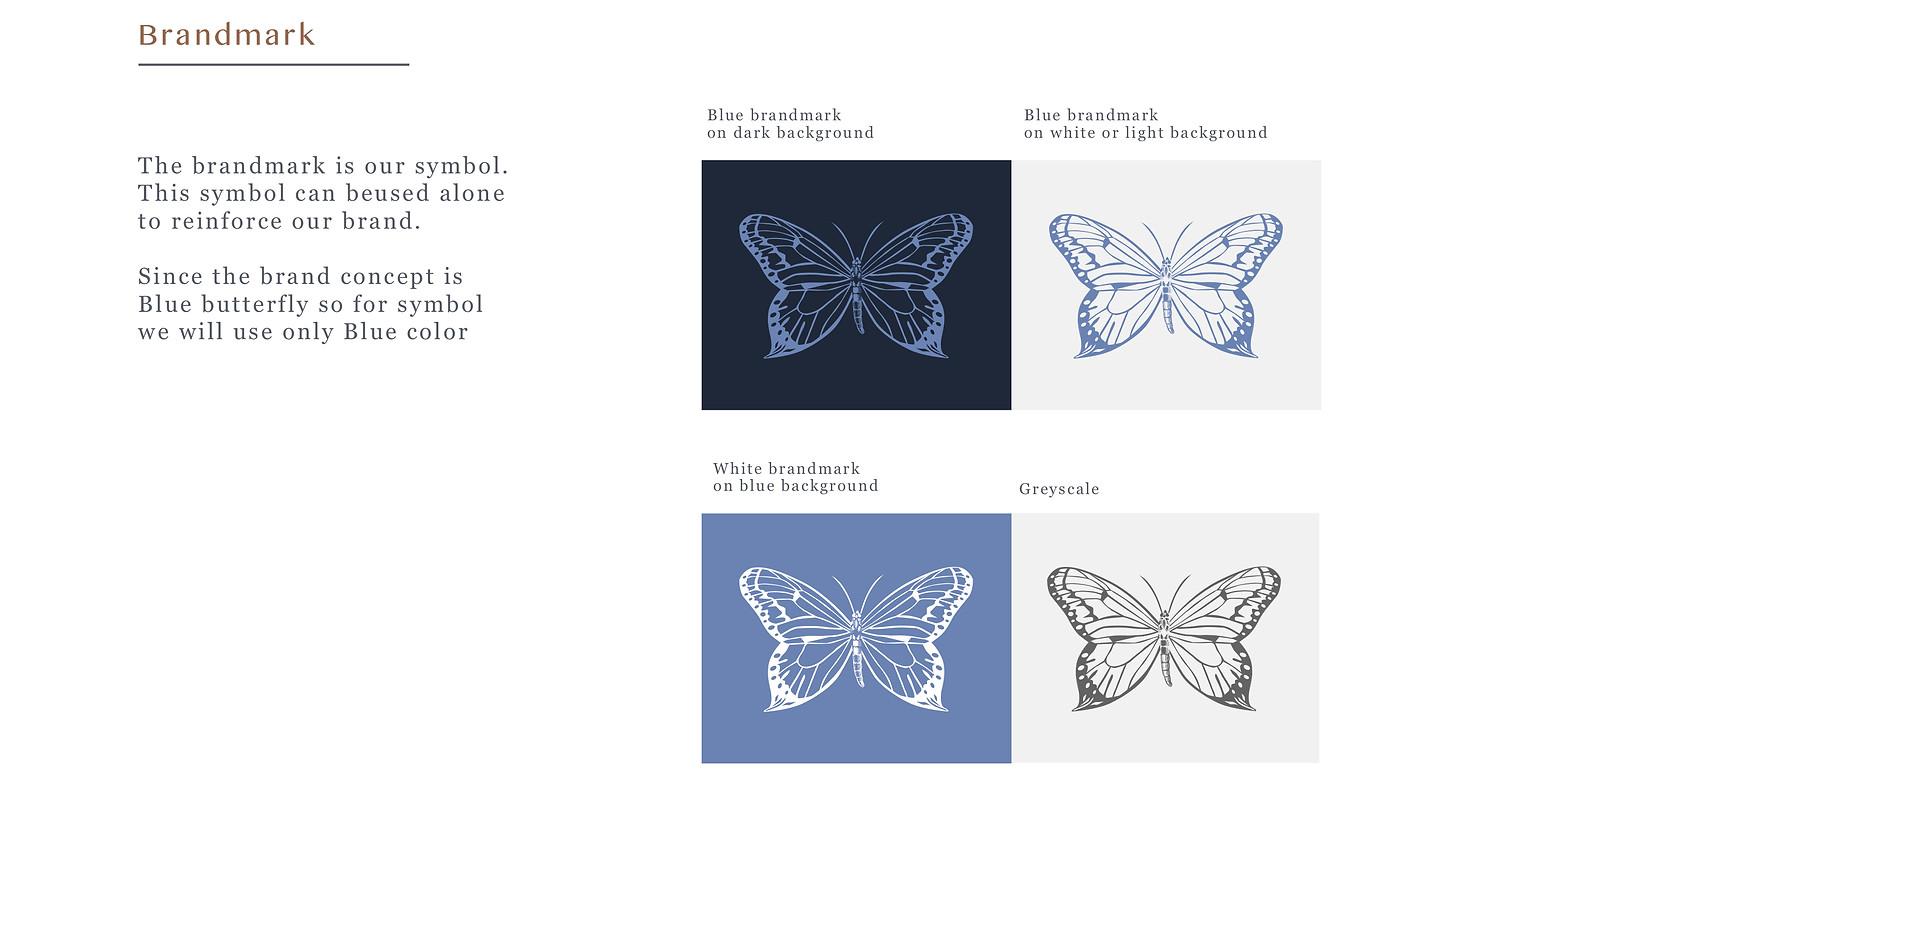 Alutumist Brand Guideline 2.jpg